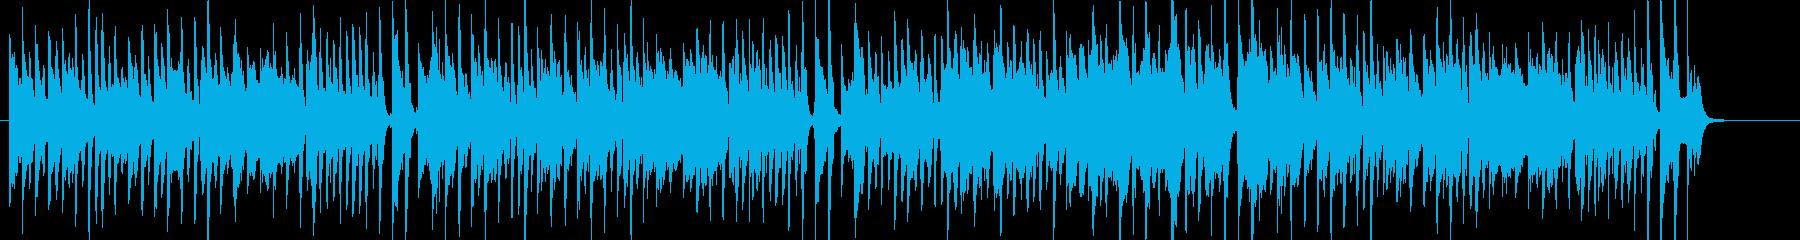 ほのぼのした可愛く明るい楽曲の再生済みの波形